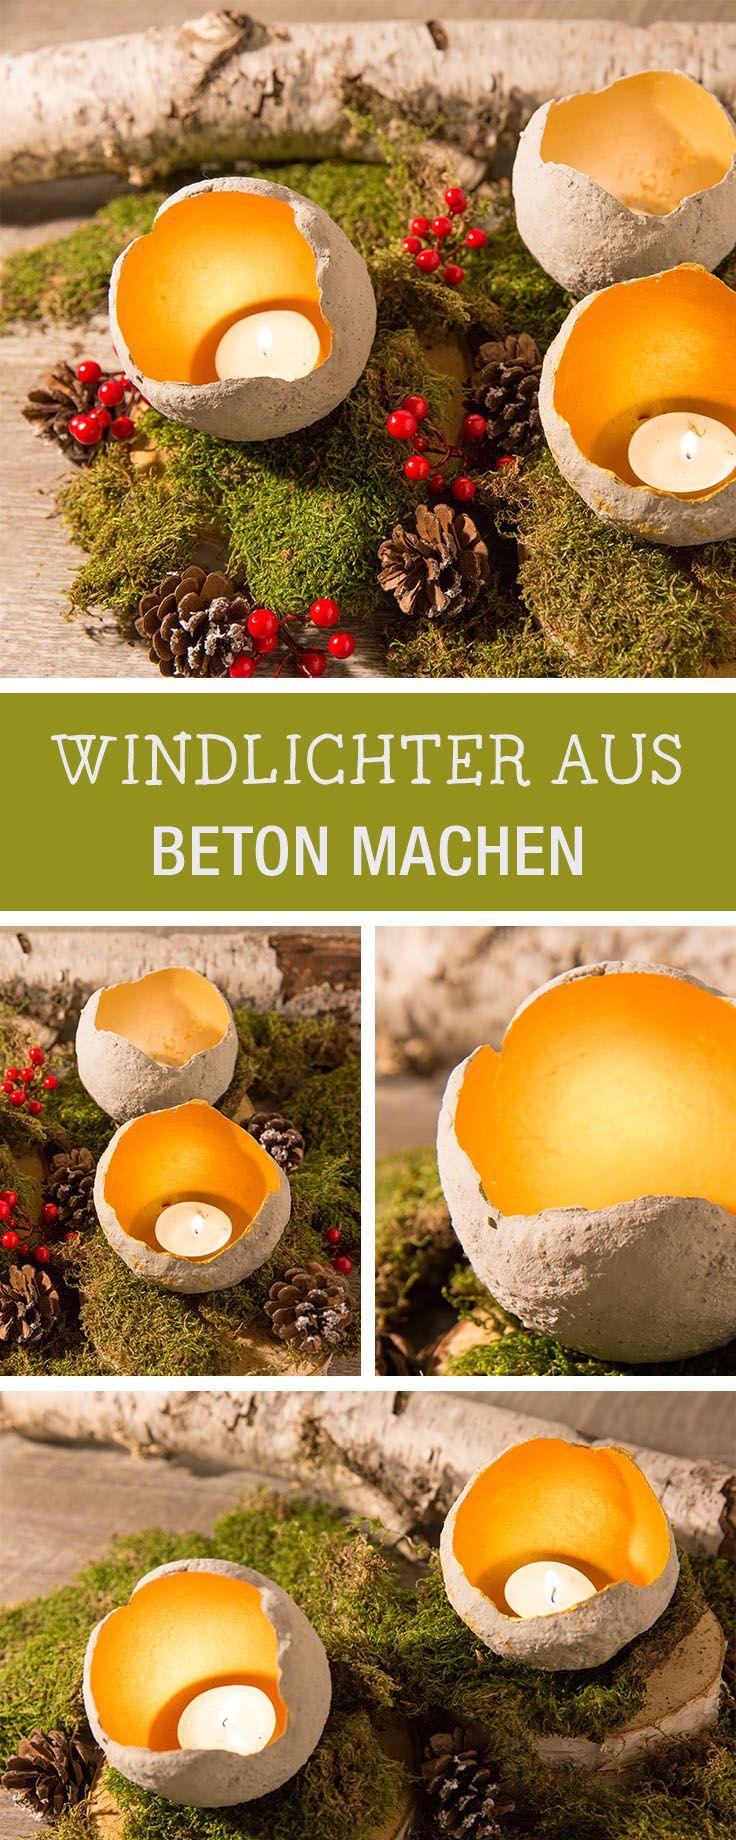 DIY Idee für Weihnachten: Windlichter aus Beton b…